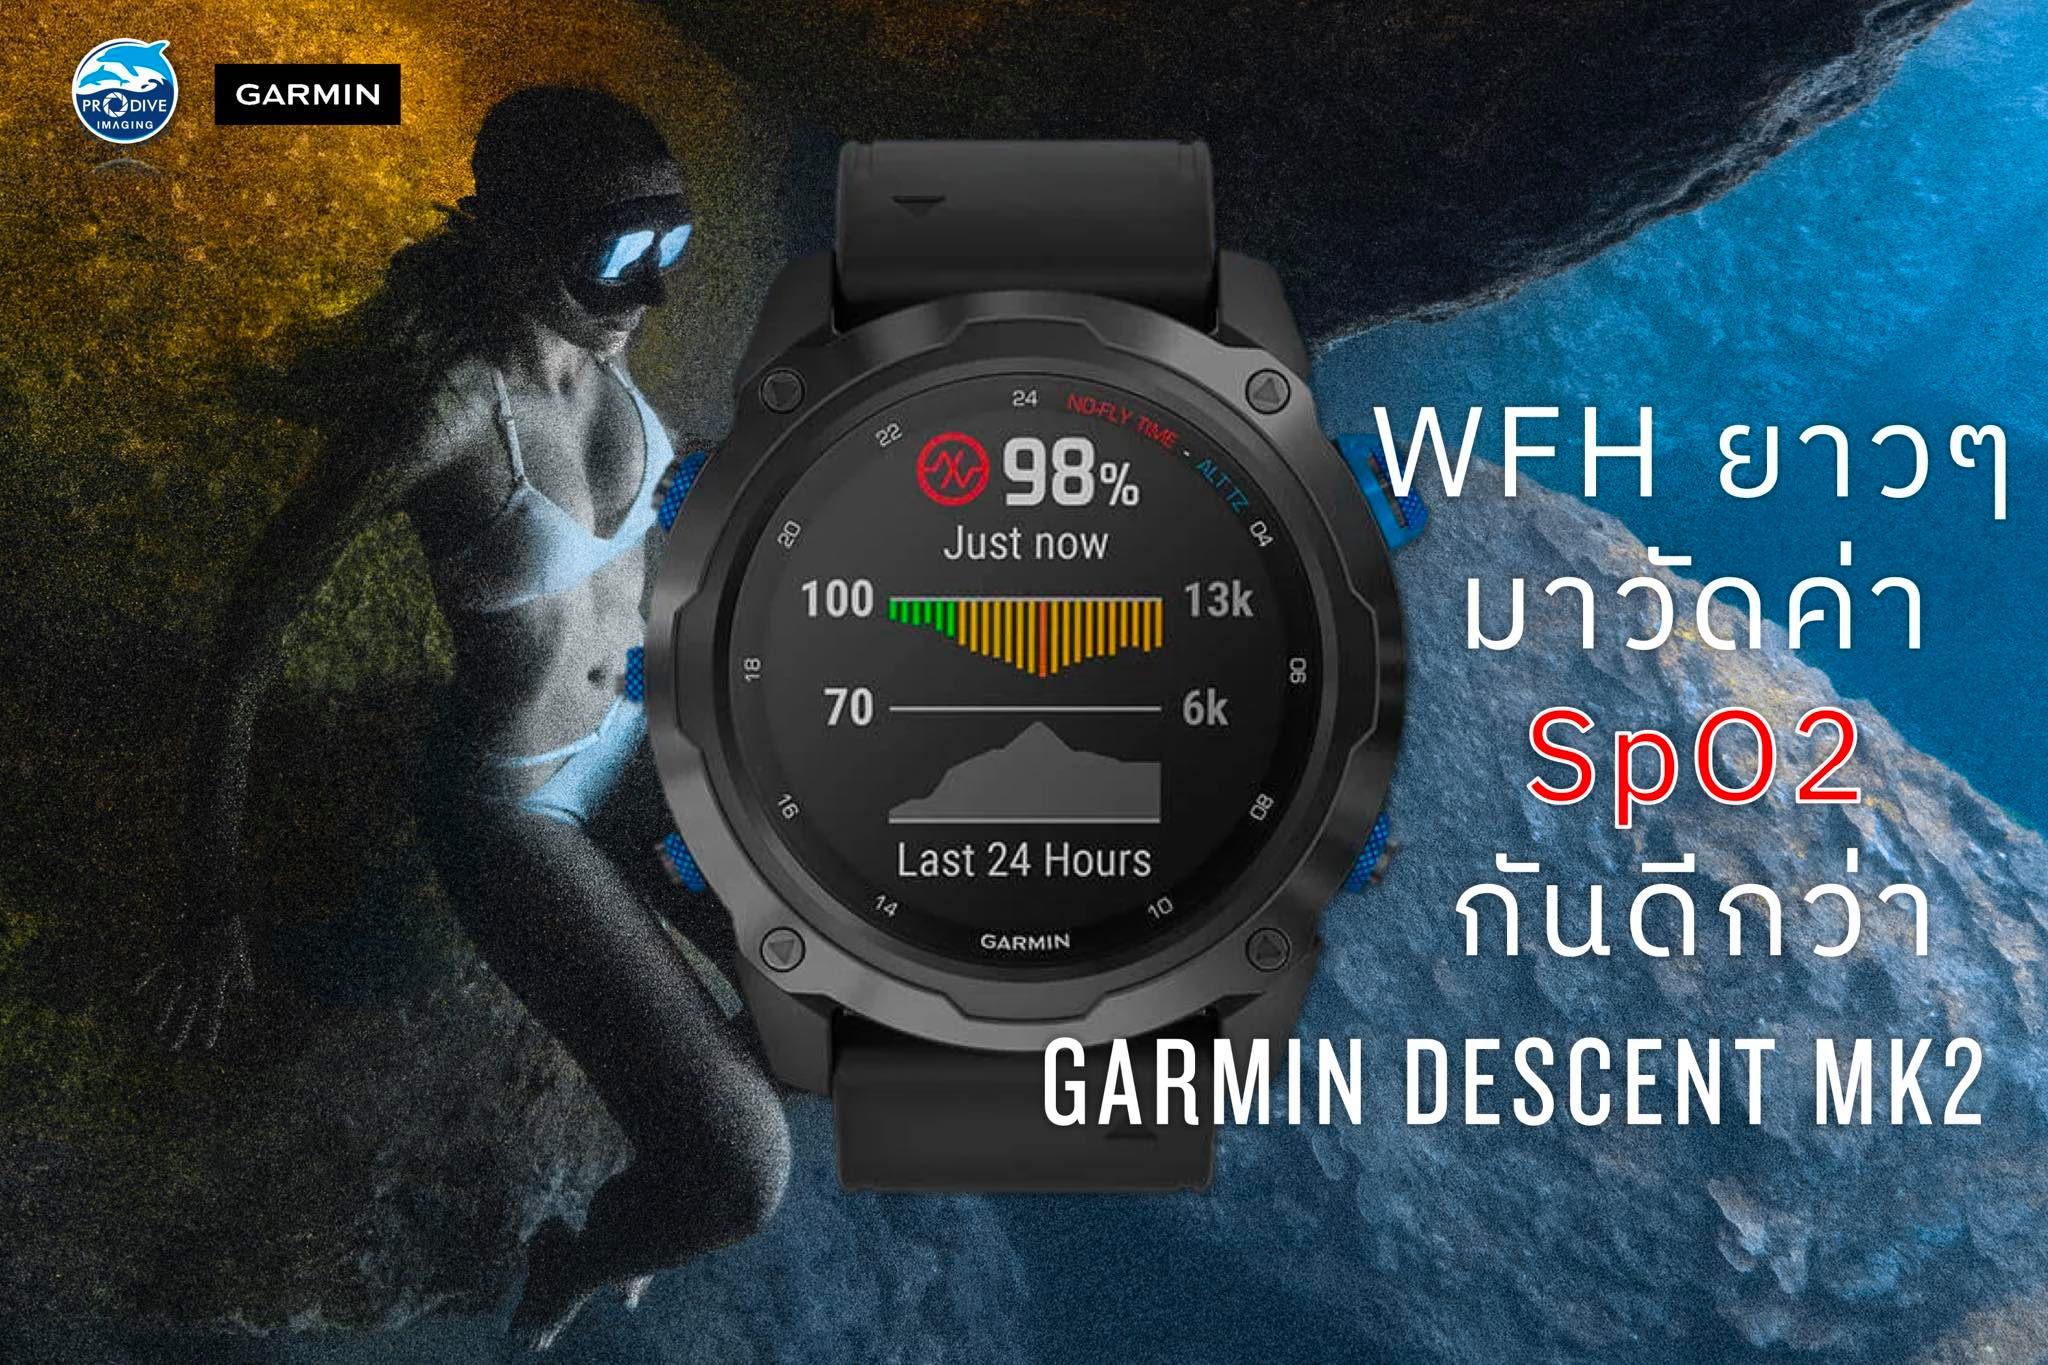 วัดค่าความเข้มข้นของ ออกซิเจนในเลือด (SpO2) ด้วย Garmin Descent Mk2 กันดีกว่า